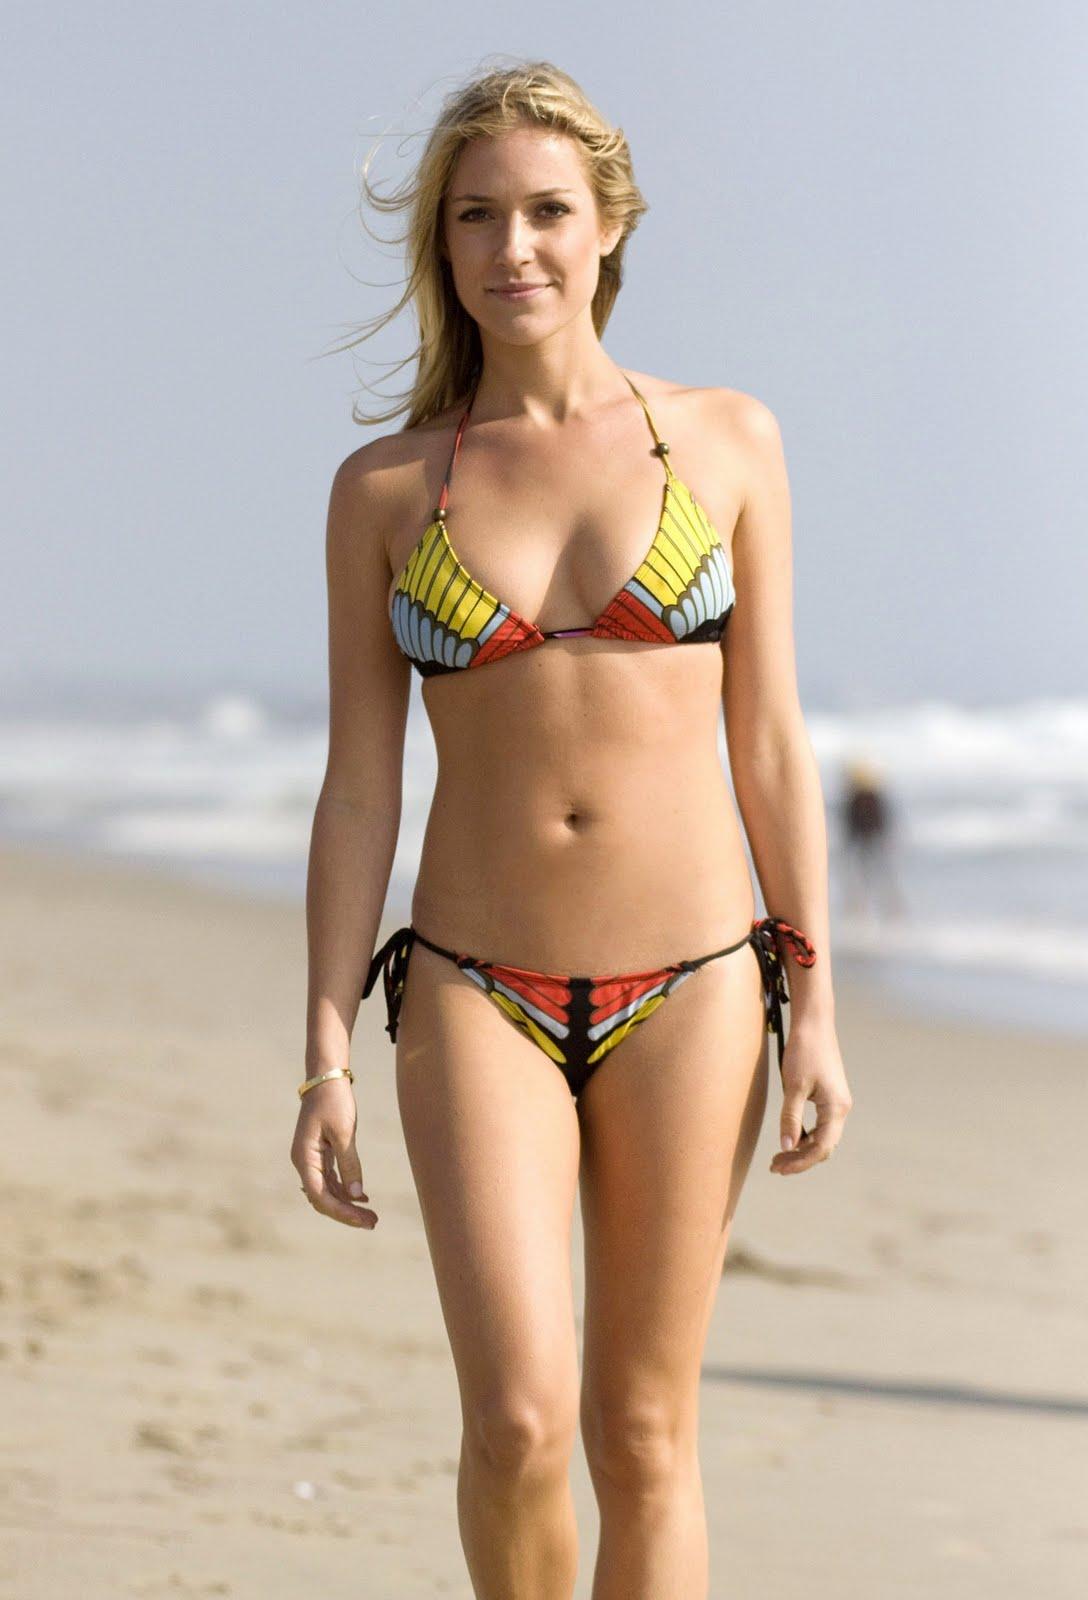 kristen stewart hot bikini